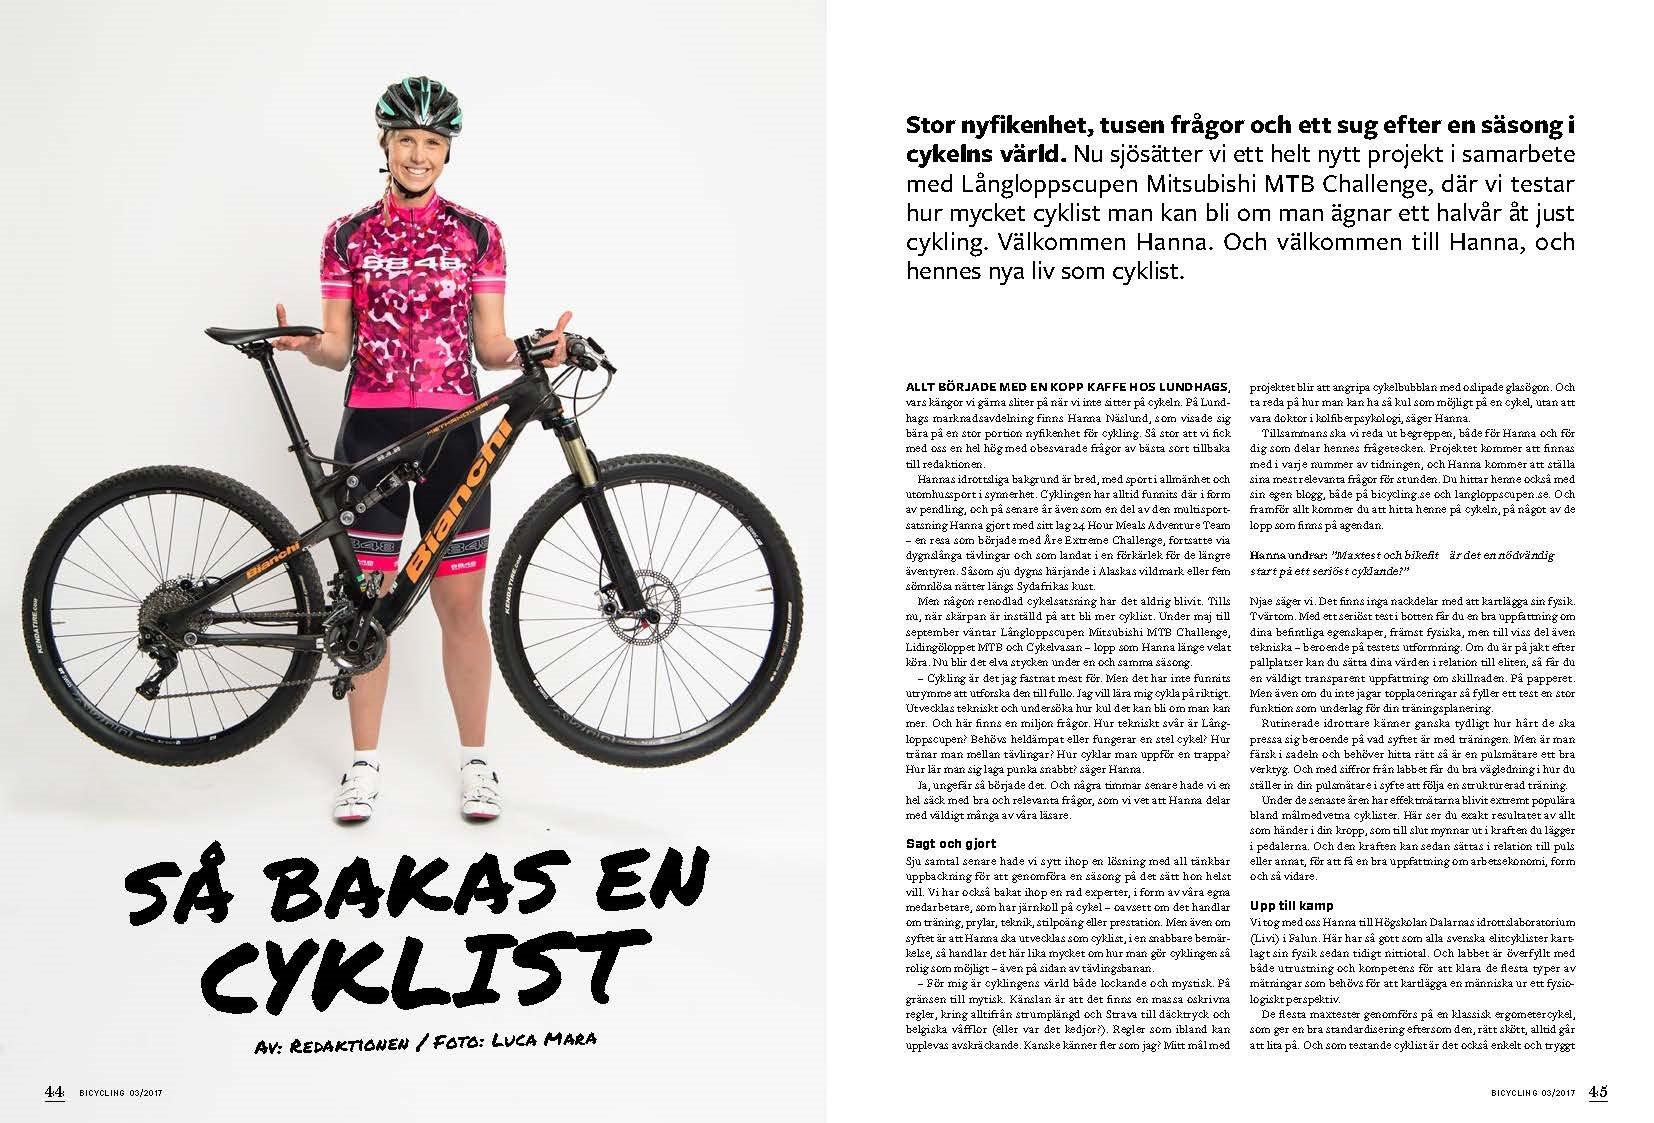 Sidor_fran_bc0317_baka_cyklist.jpg